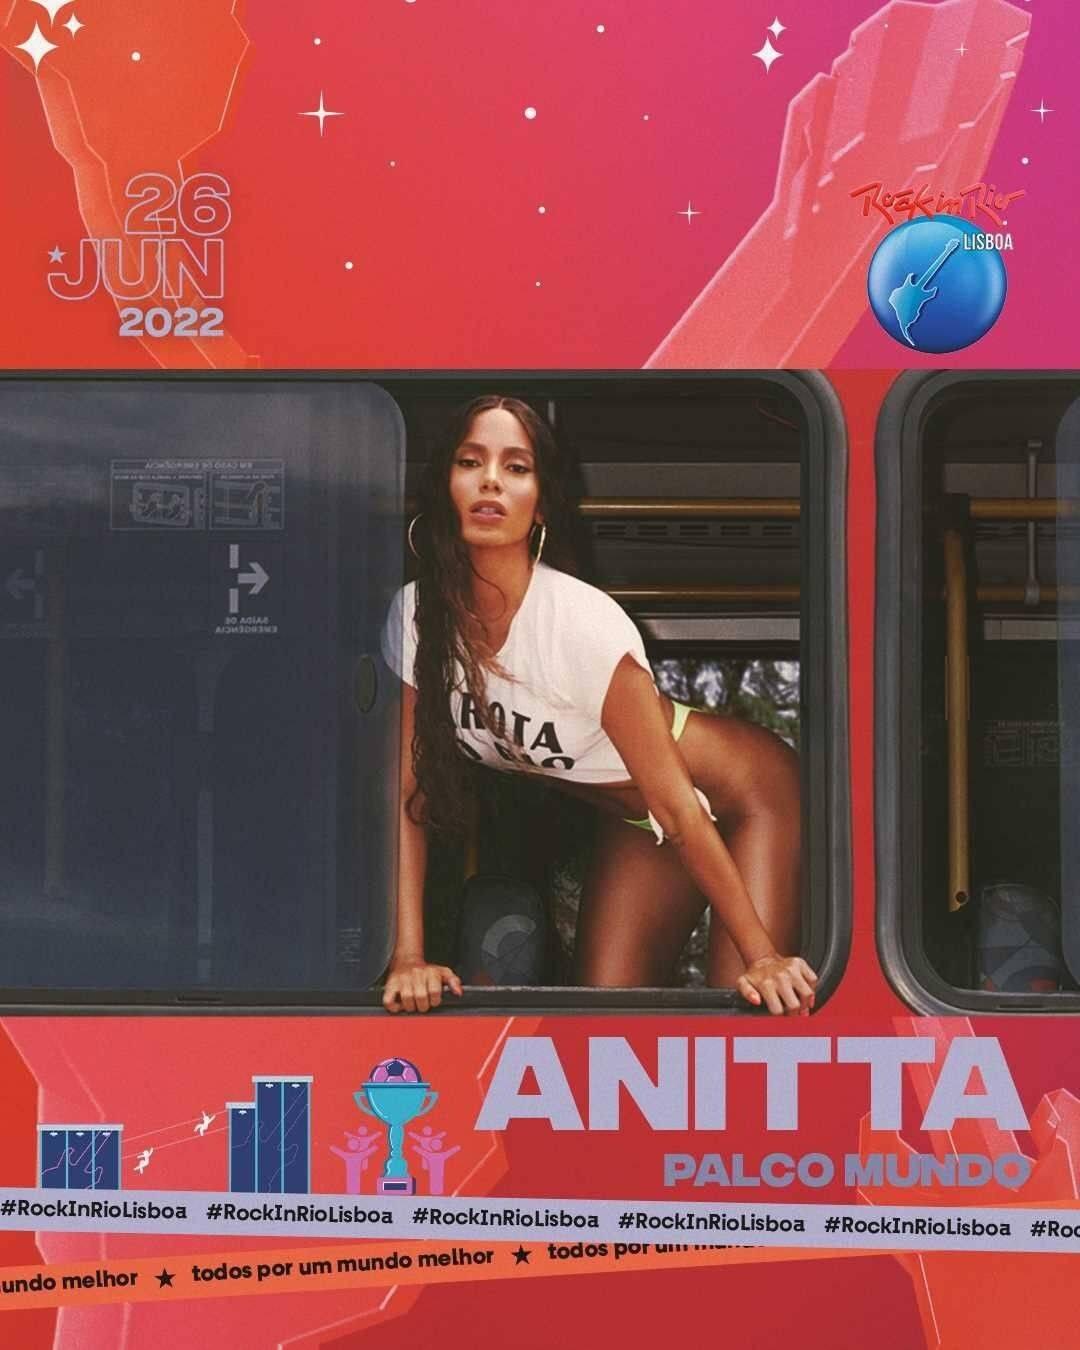 É a patroa! Anitta estará no Rock In Rio Lisboa. (Foto: Instagram)